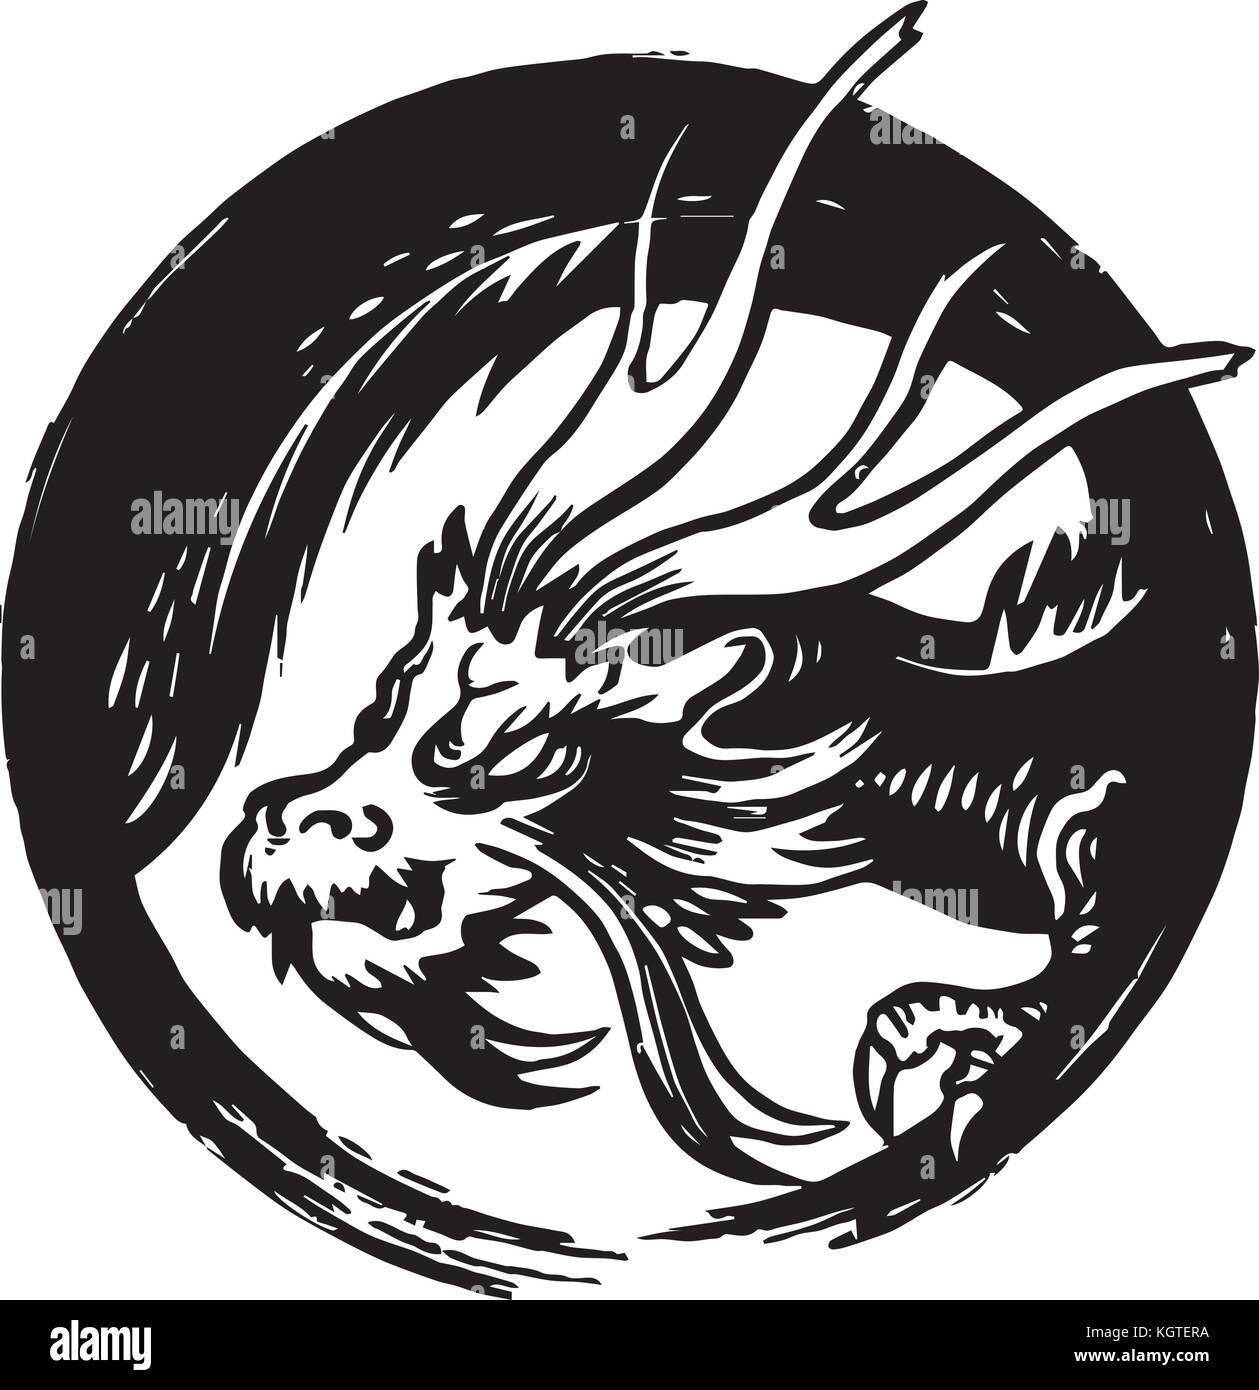 Drago disegno vettoriale illustrazione